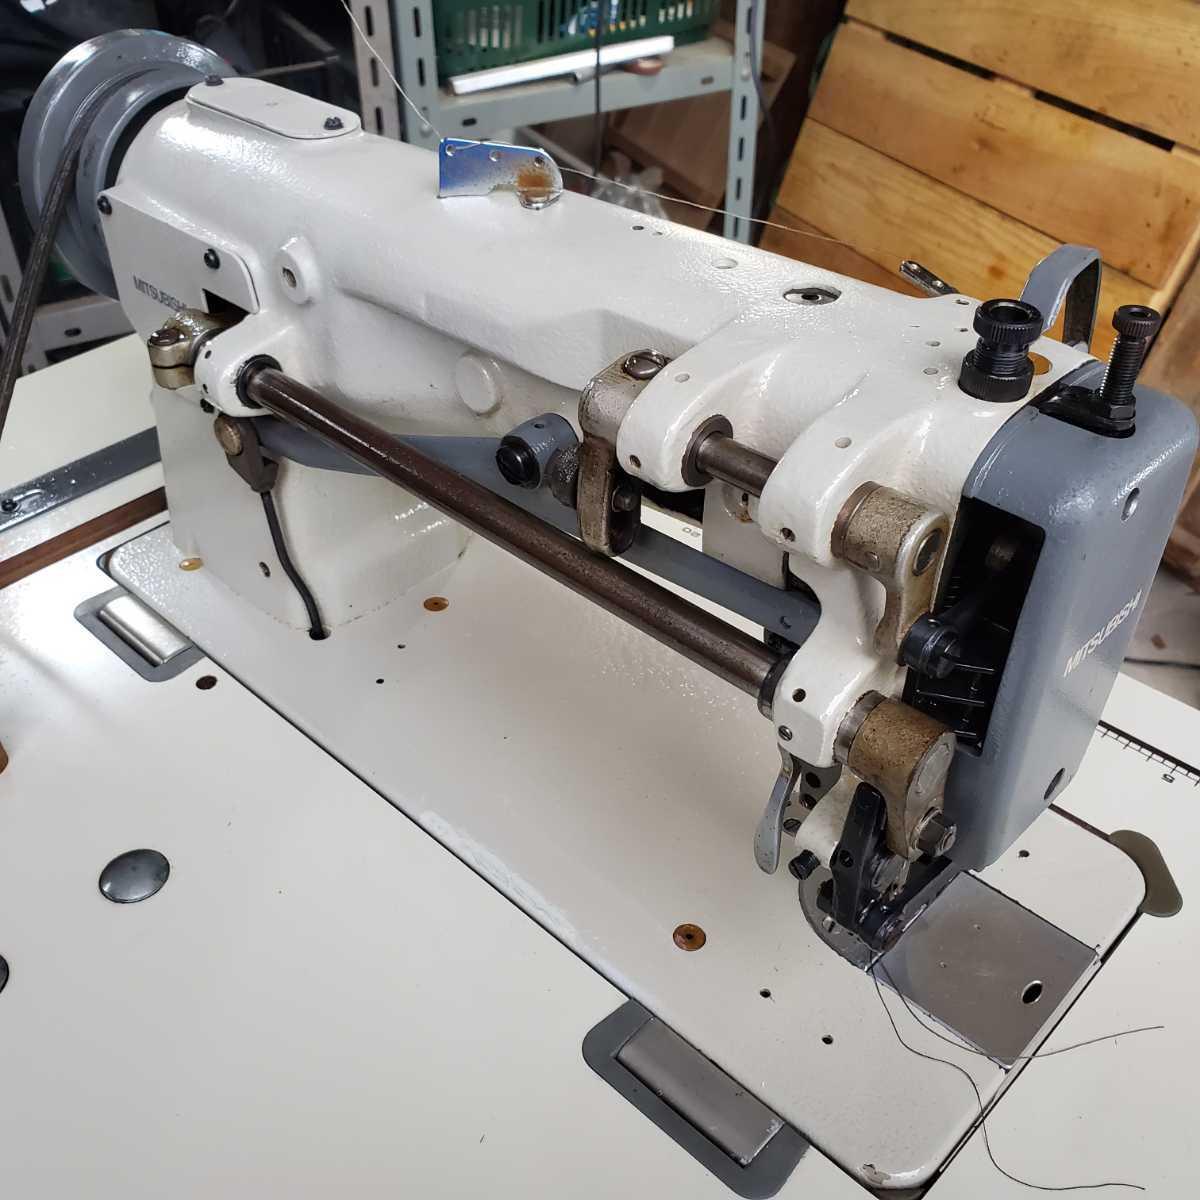 工業用ミシン、革、レザー、テント、シート、その他厚物縫いミシン、三菱MITSUBISHI 上下送り倍釜ミシンDY-350 !整備済み品、綺麗!_画像3